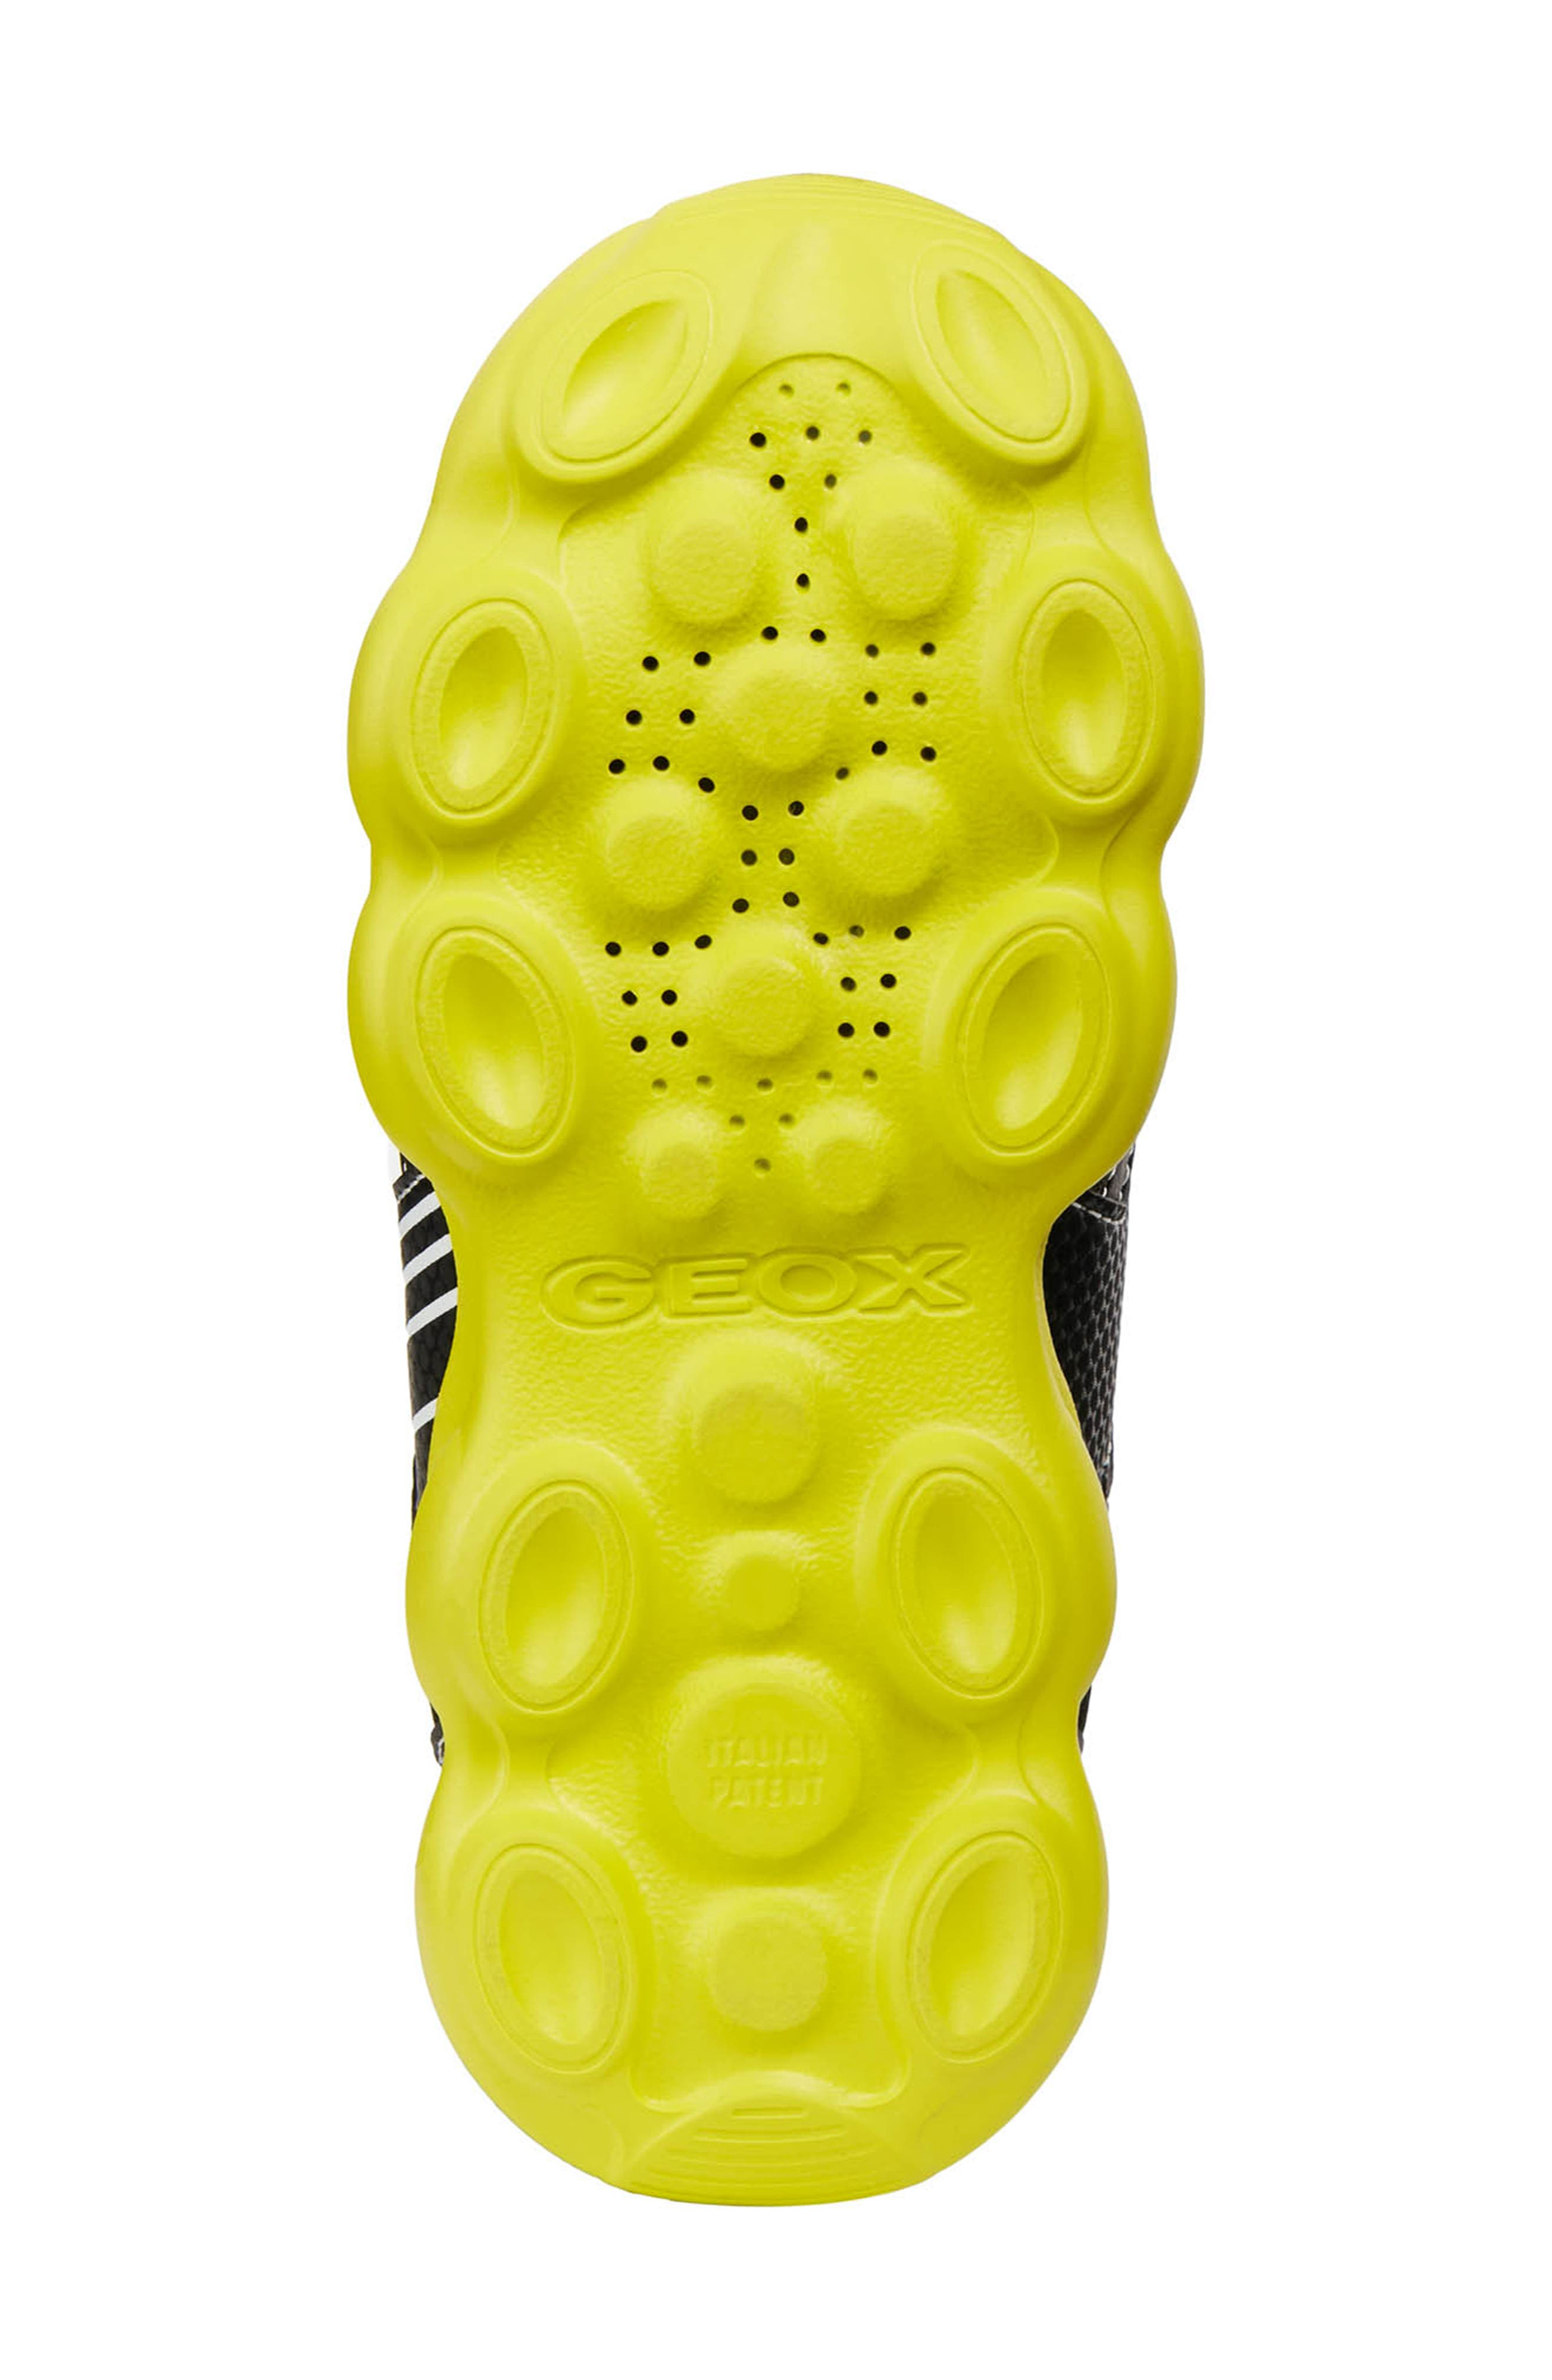 GEOX, Munfrey Waterproof Sneaker, Alternate thumbnail 6, color, BLACK/ LIME